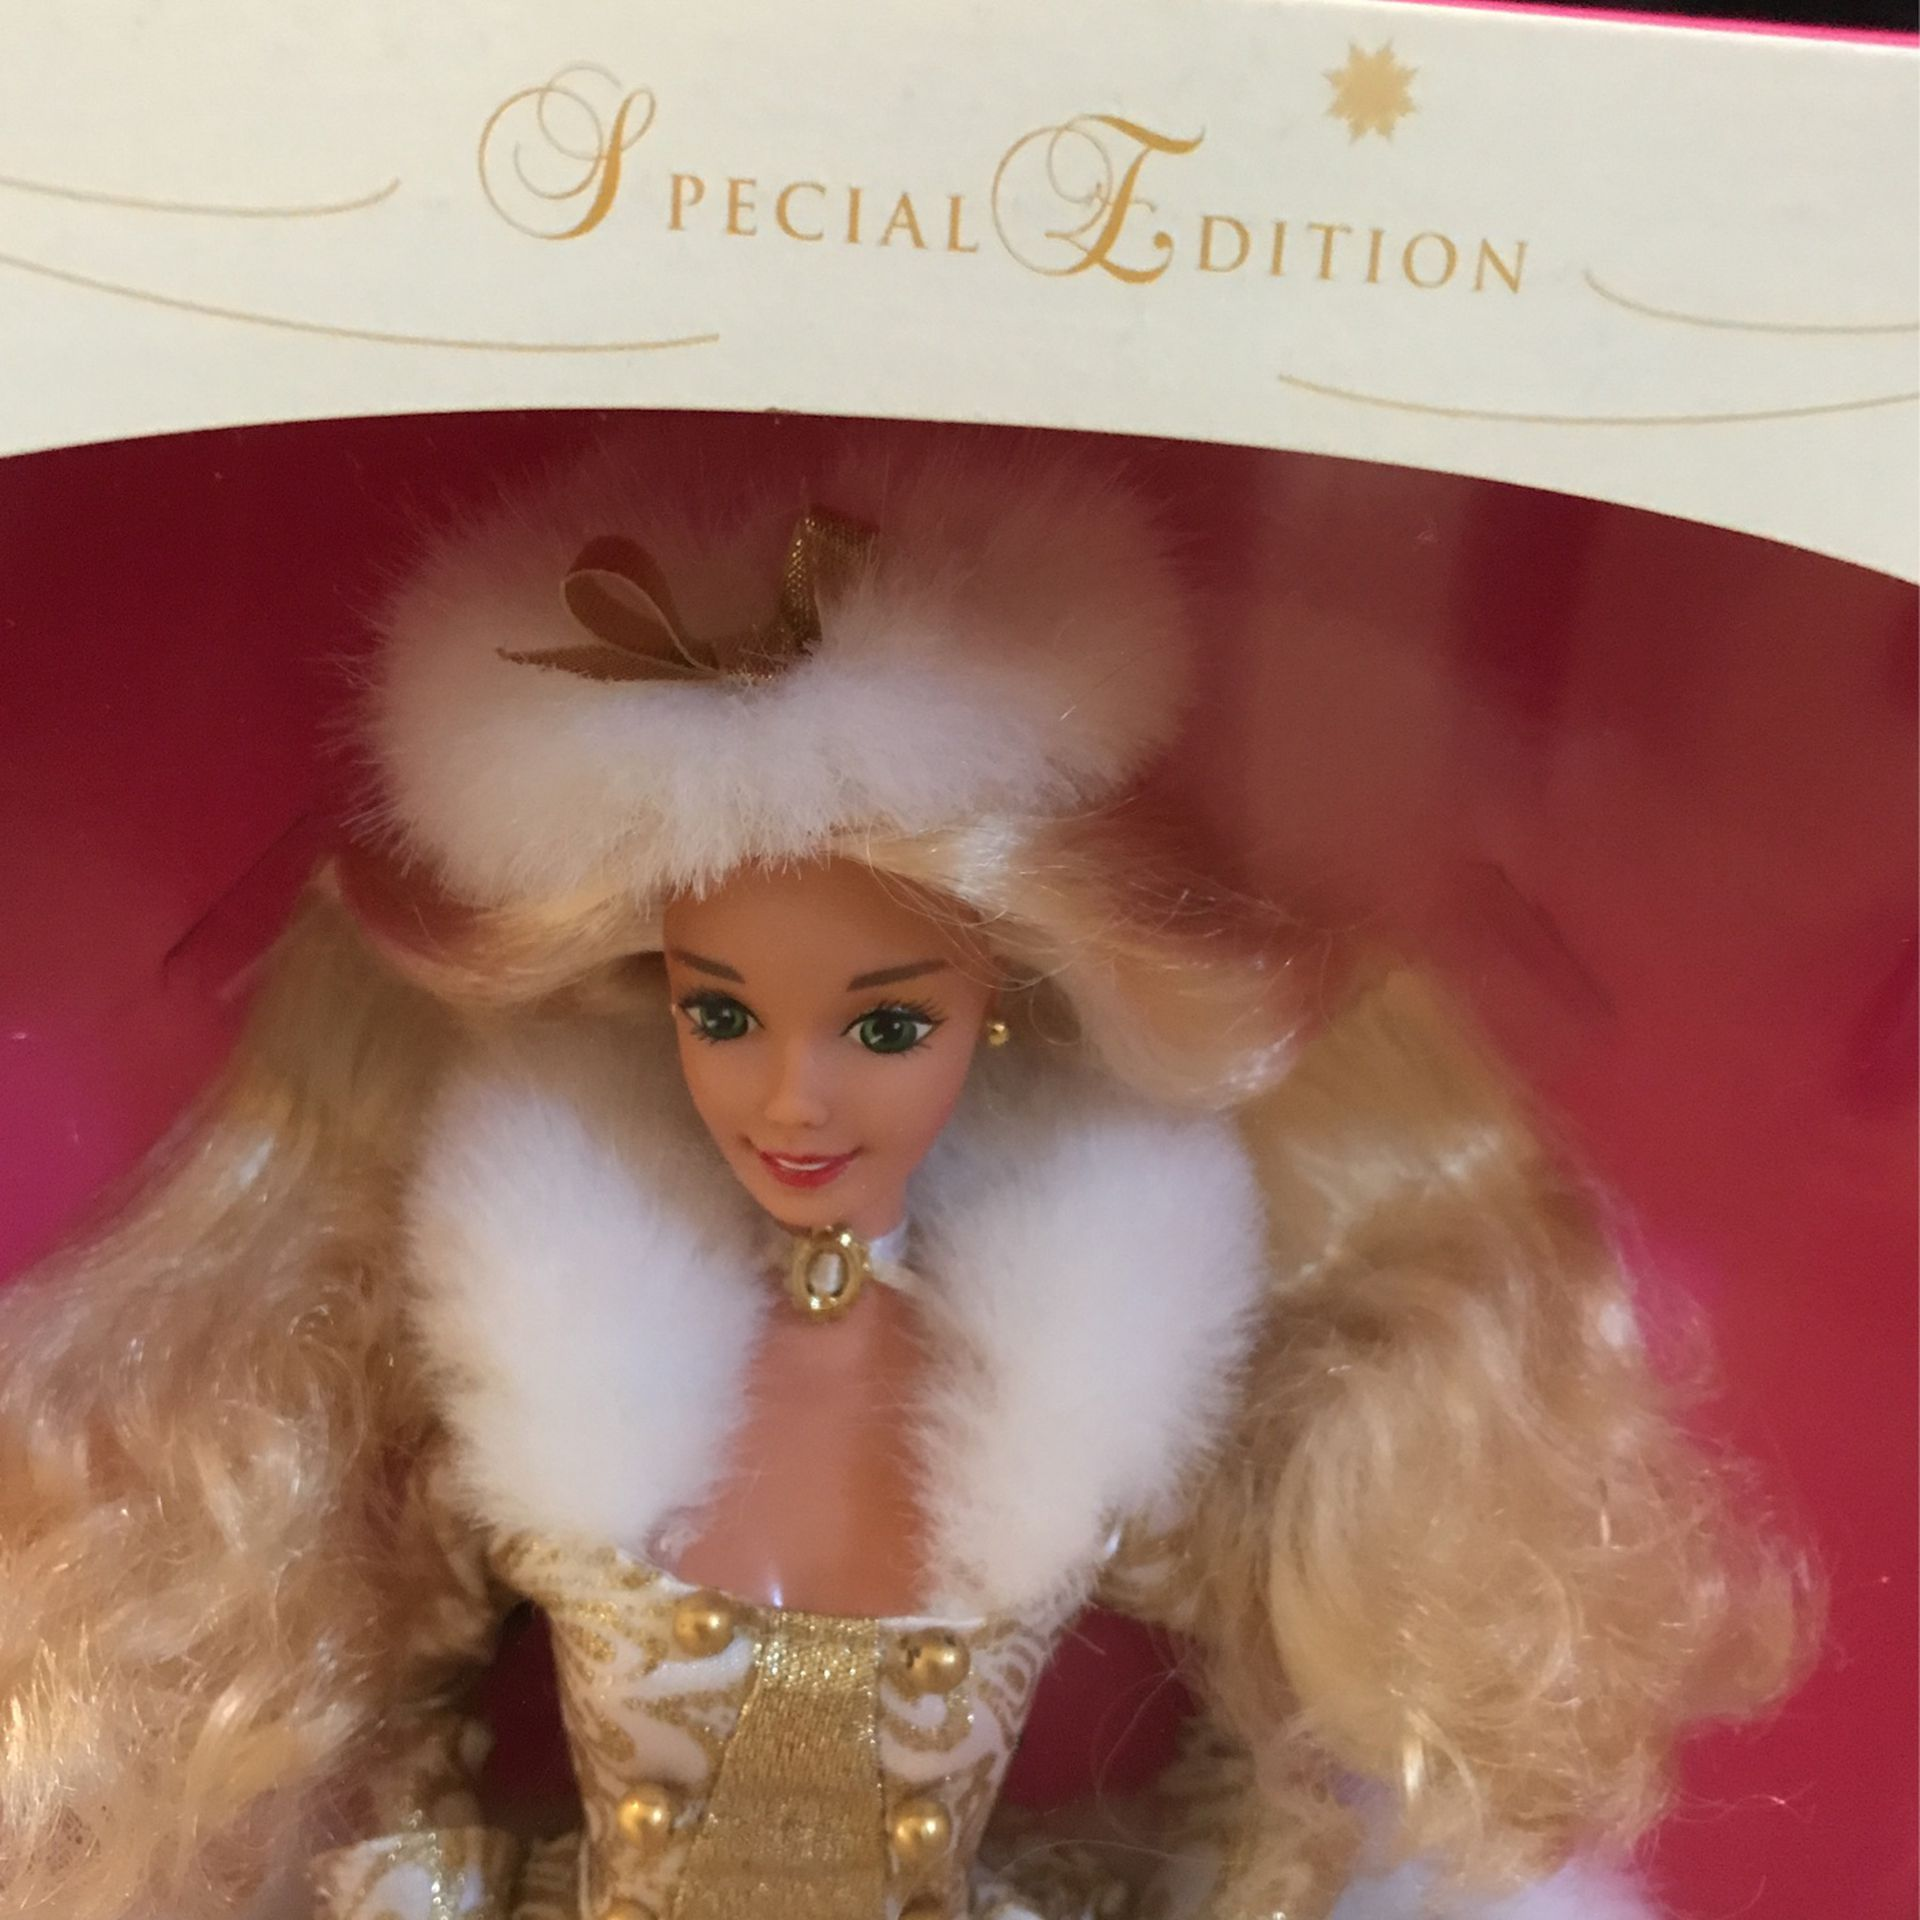 1995 Special Edition Winter Fantasy Barbie